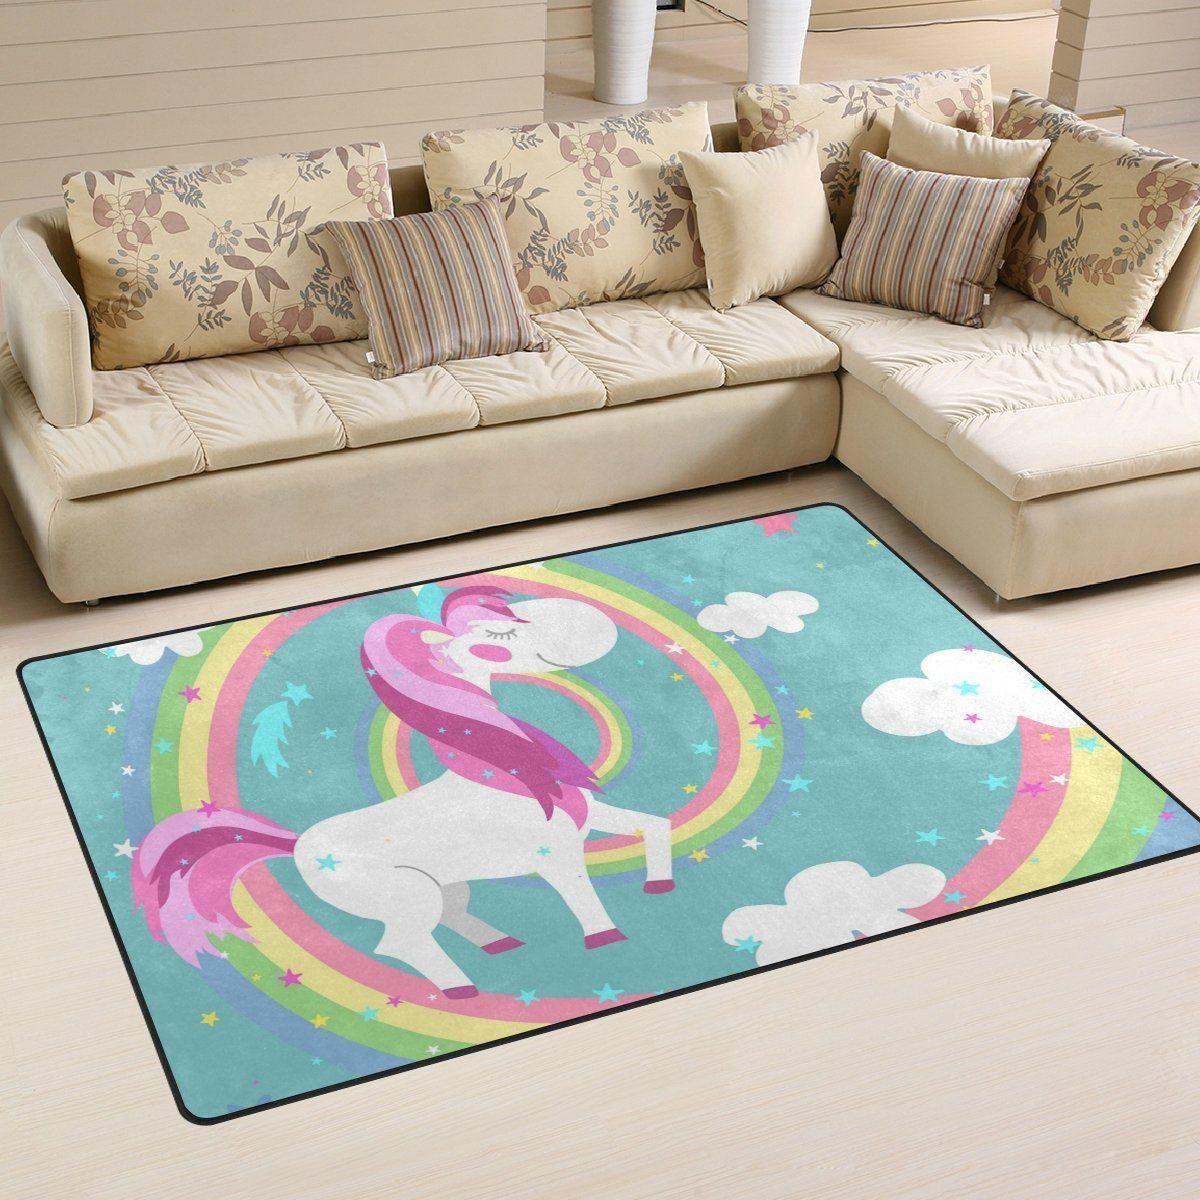 Eitelkeit Teppich Babyzimmer Das Beste Von Einhorn Kinderzimmer: Unicorn | Einhorn